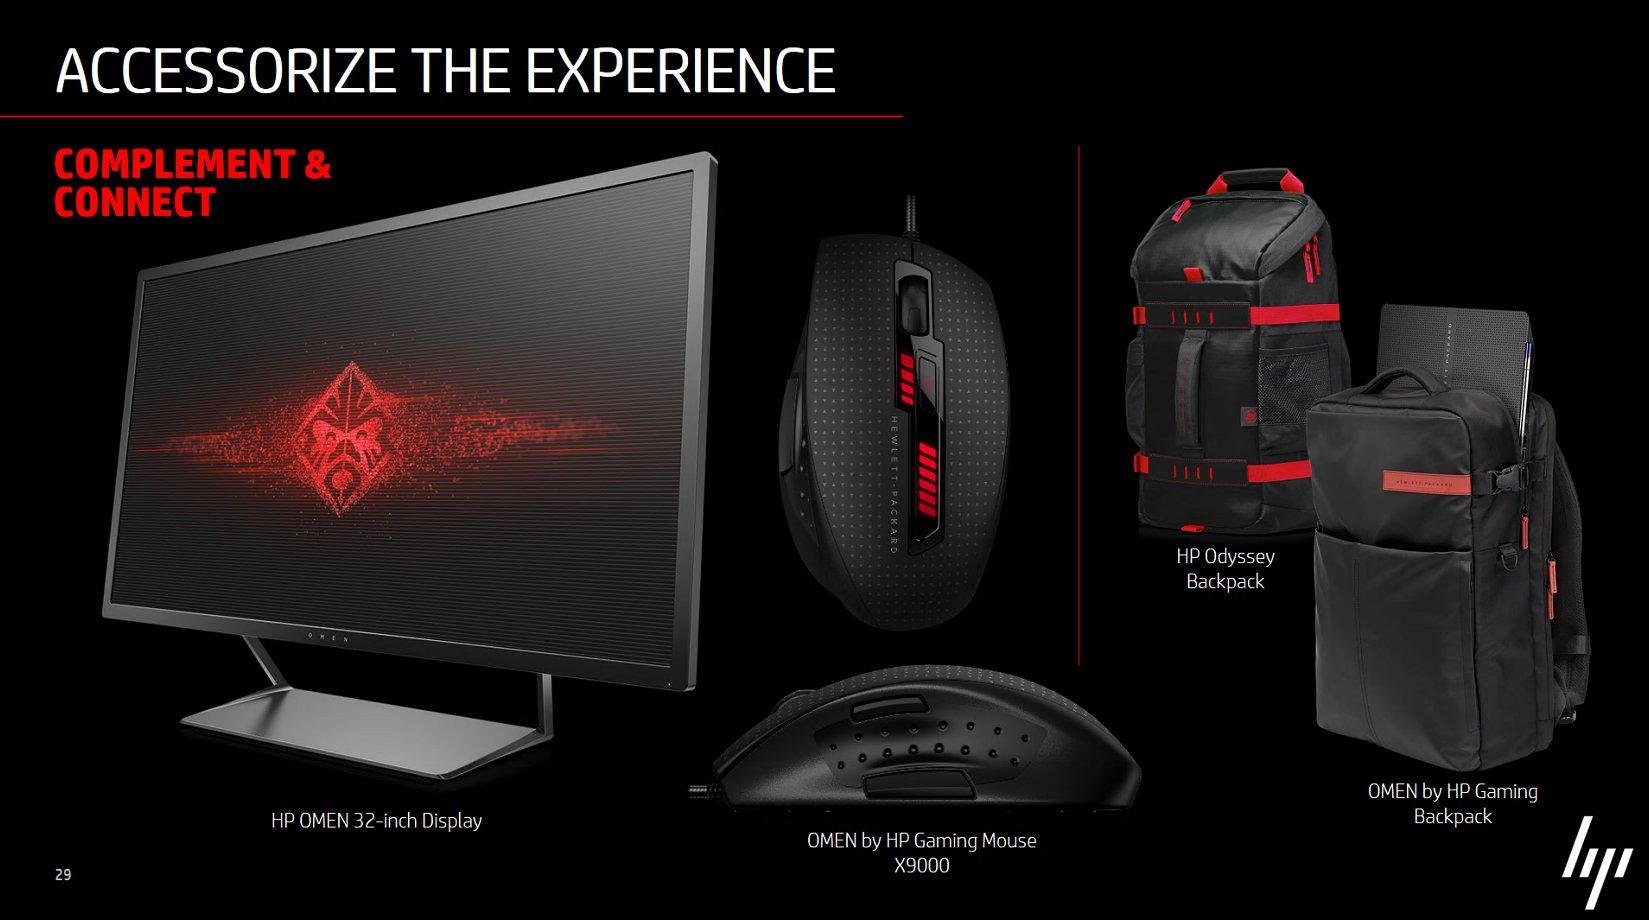 Der HP Omen 32-Zoll-Display und Gaming-Zubehör